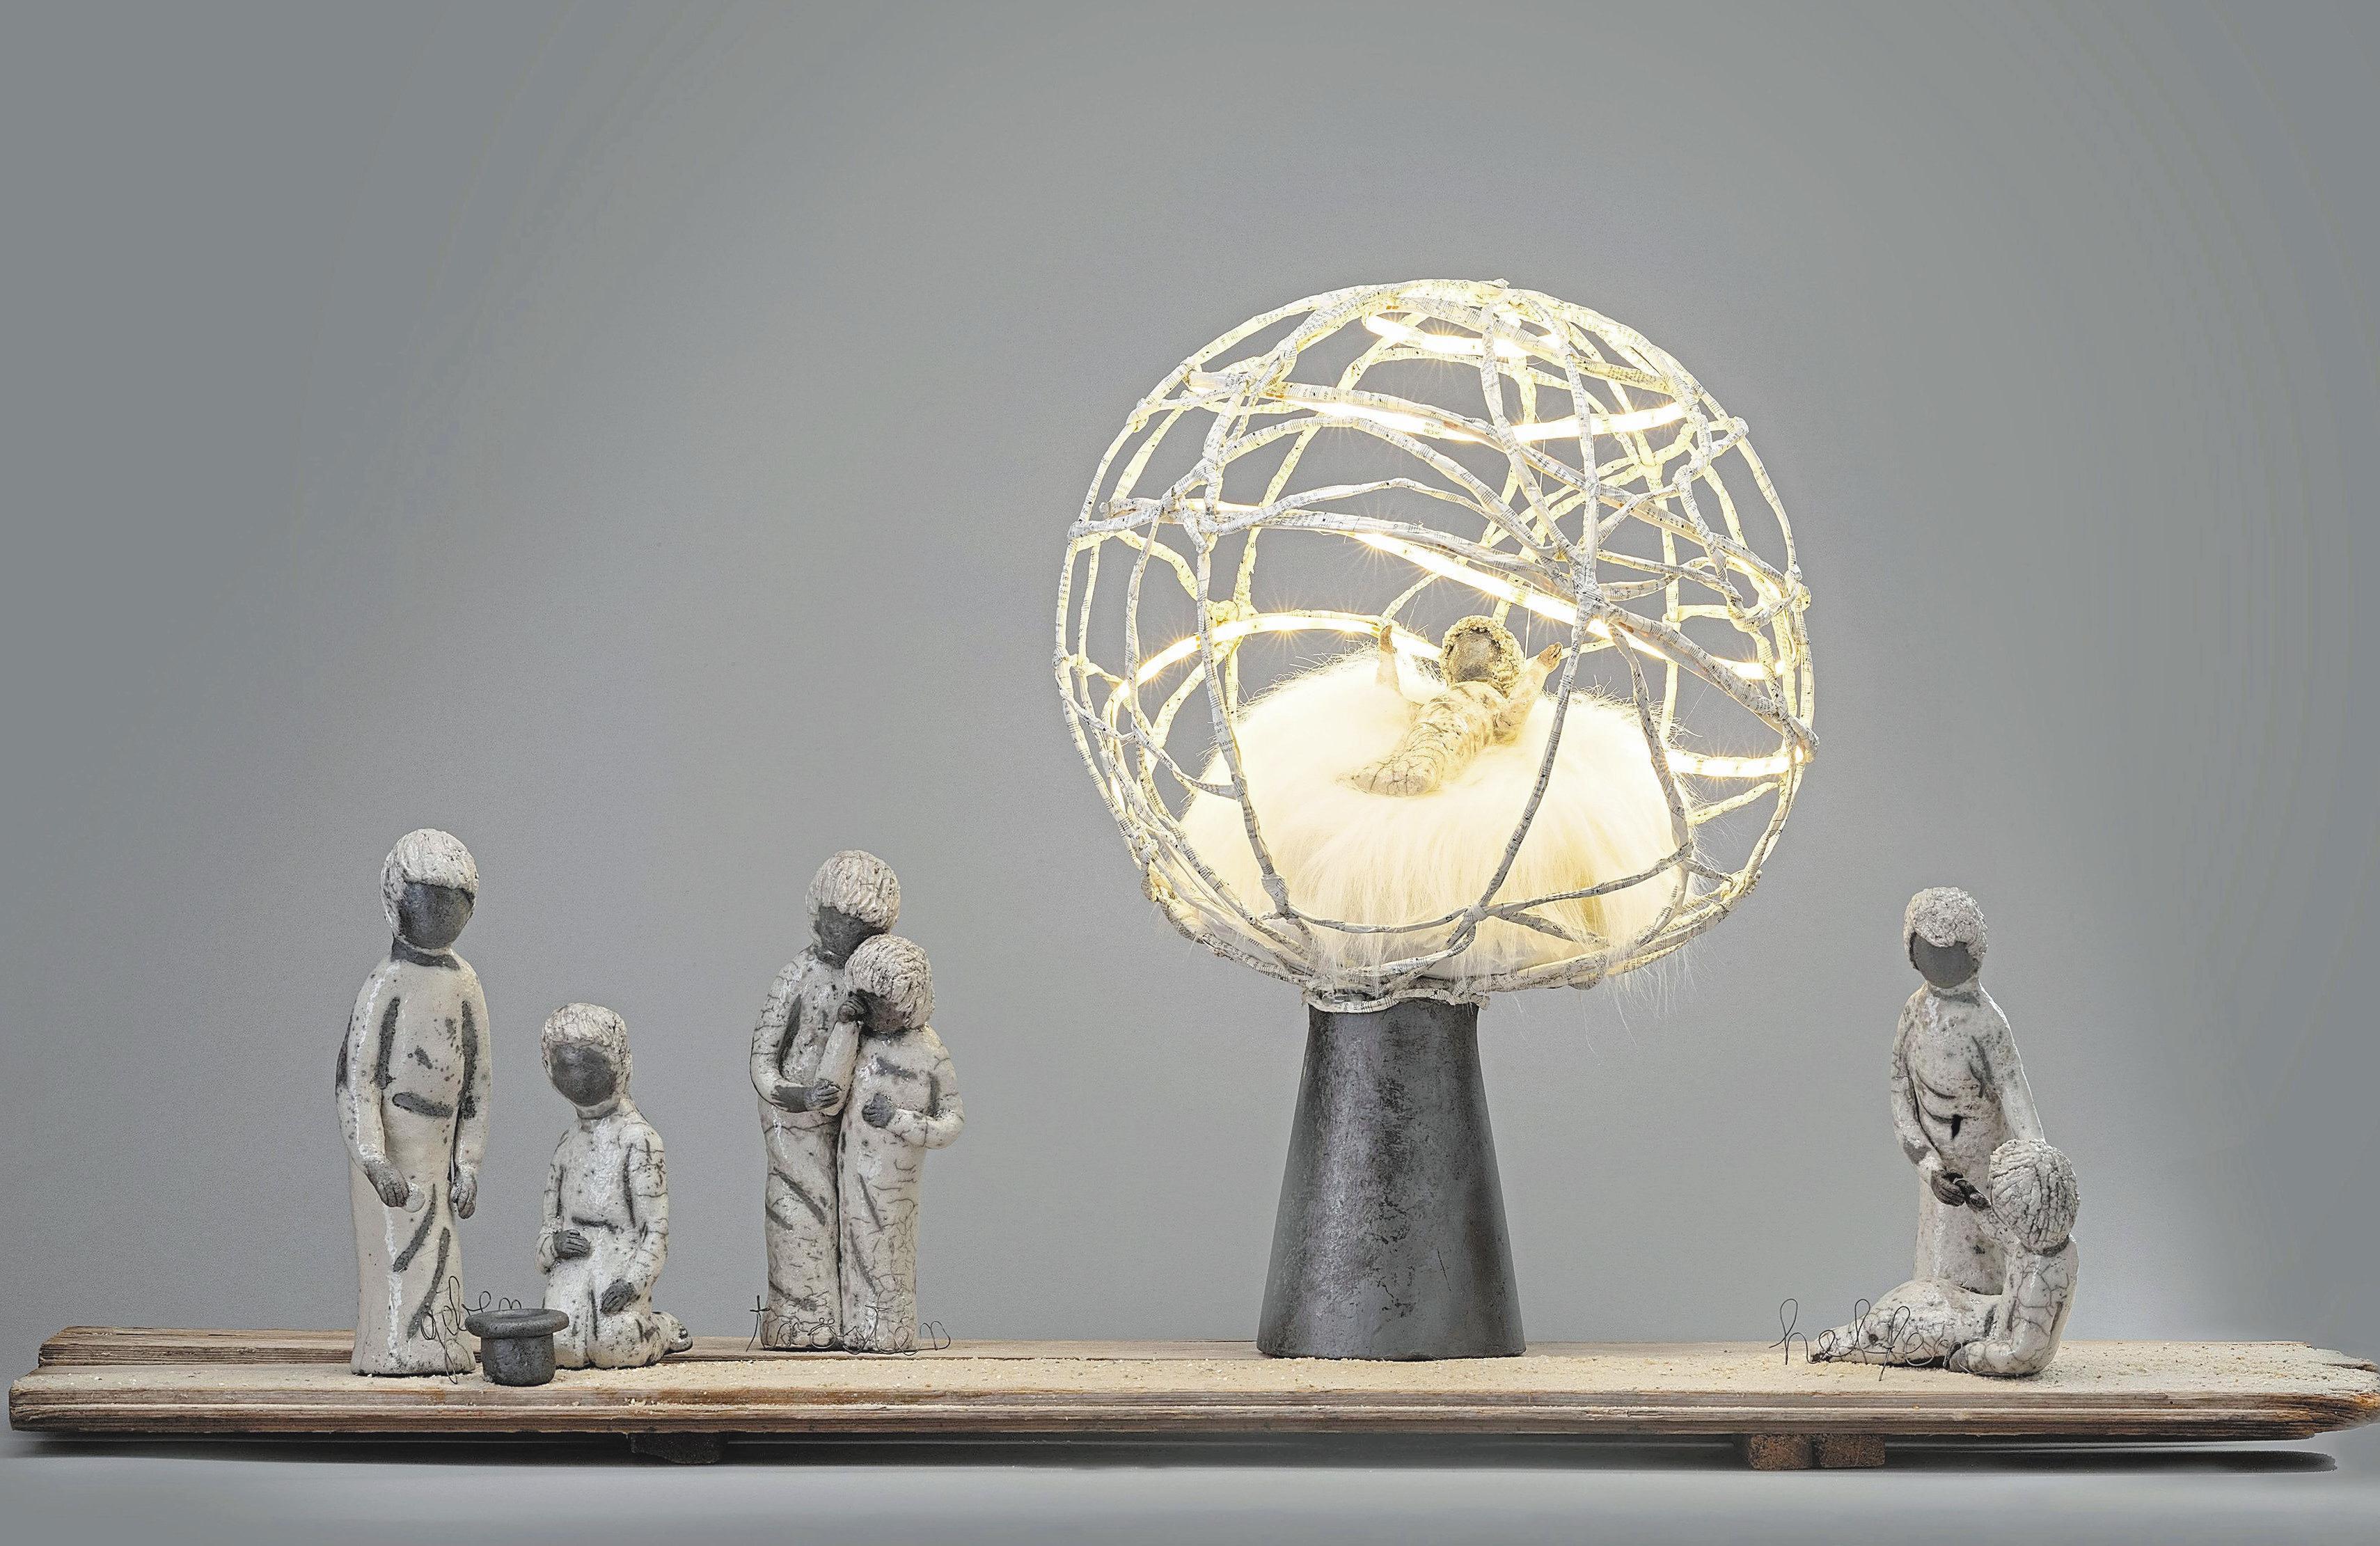 """Christa Tenkmann hat die Krippe """"Jesus ist das Licht, Nächstenliebe der Weg"""" gestaltet, die das Plakatmotiv der Ausstellung ist. Foto: Stephan Kobe"""